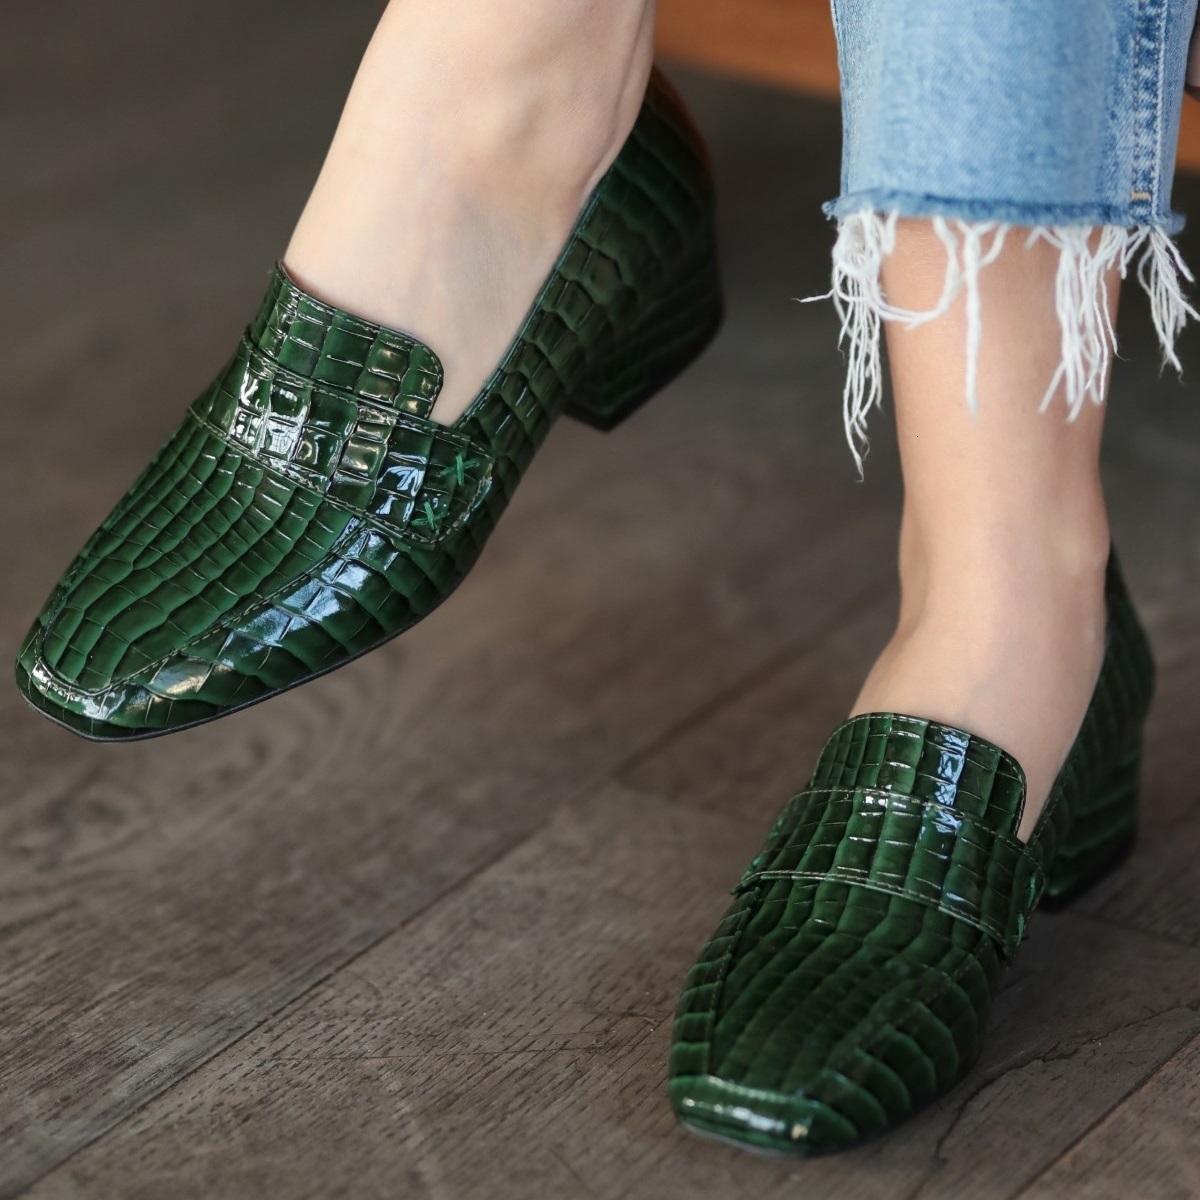 Mio Gusto Maddy Yeşil Yüksek kaliteli timsah, kadınların alçak-topuklarında üç modelinde modellenmiş 2021-kadın tasarımcı ayakkabı, bayanlar düz 0eha